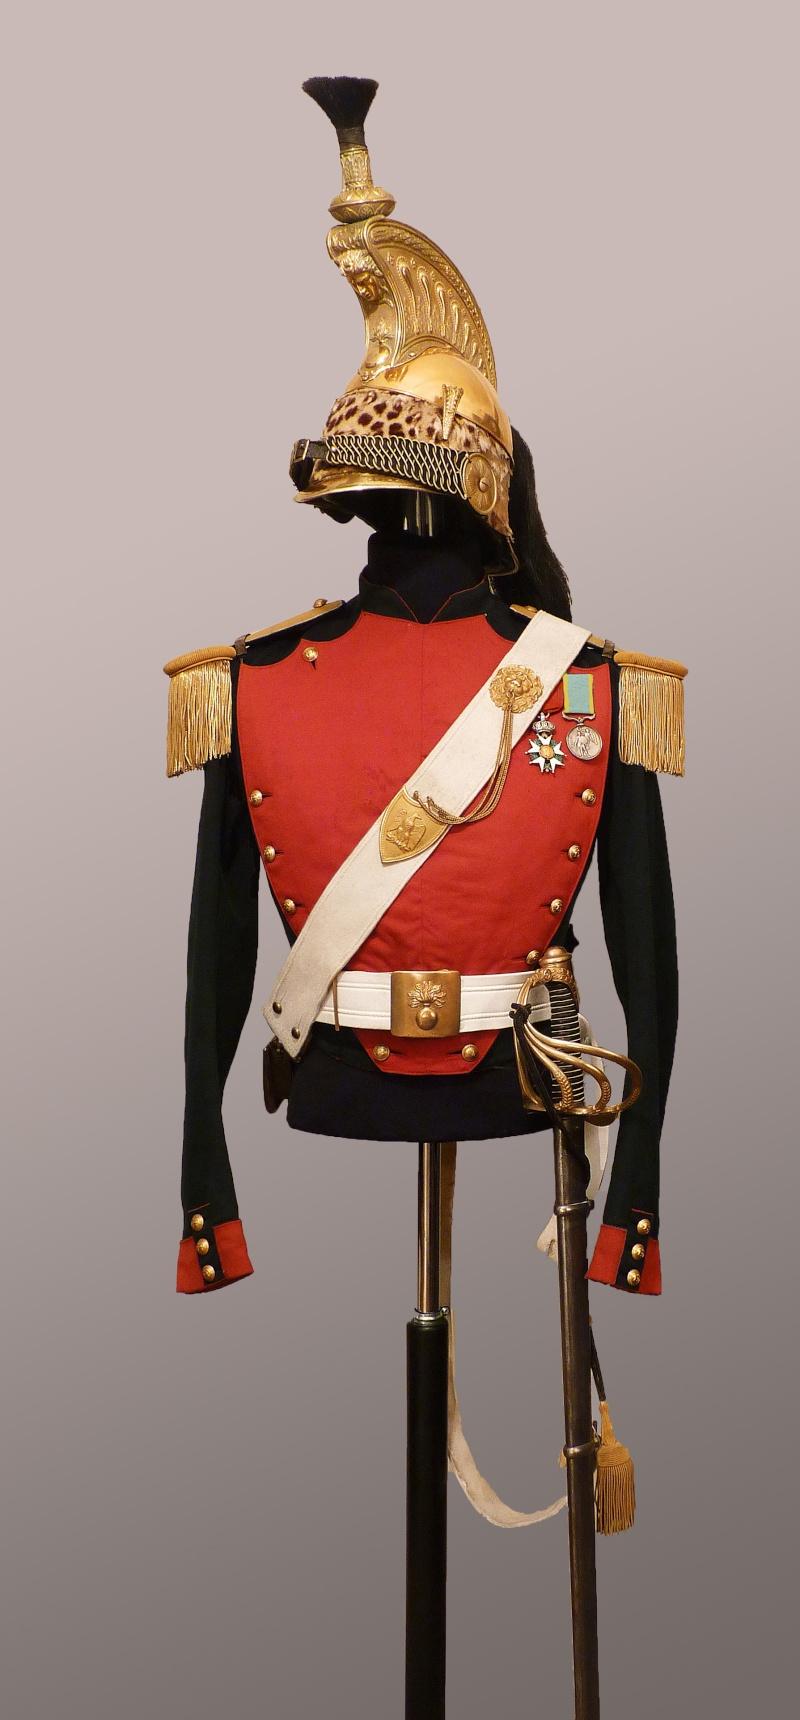 Ma petite collection: Officiers de Cavalerie - Page 2 Sans_t12